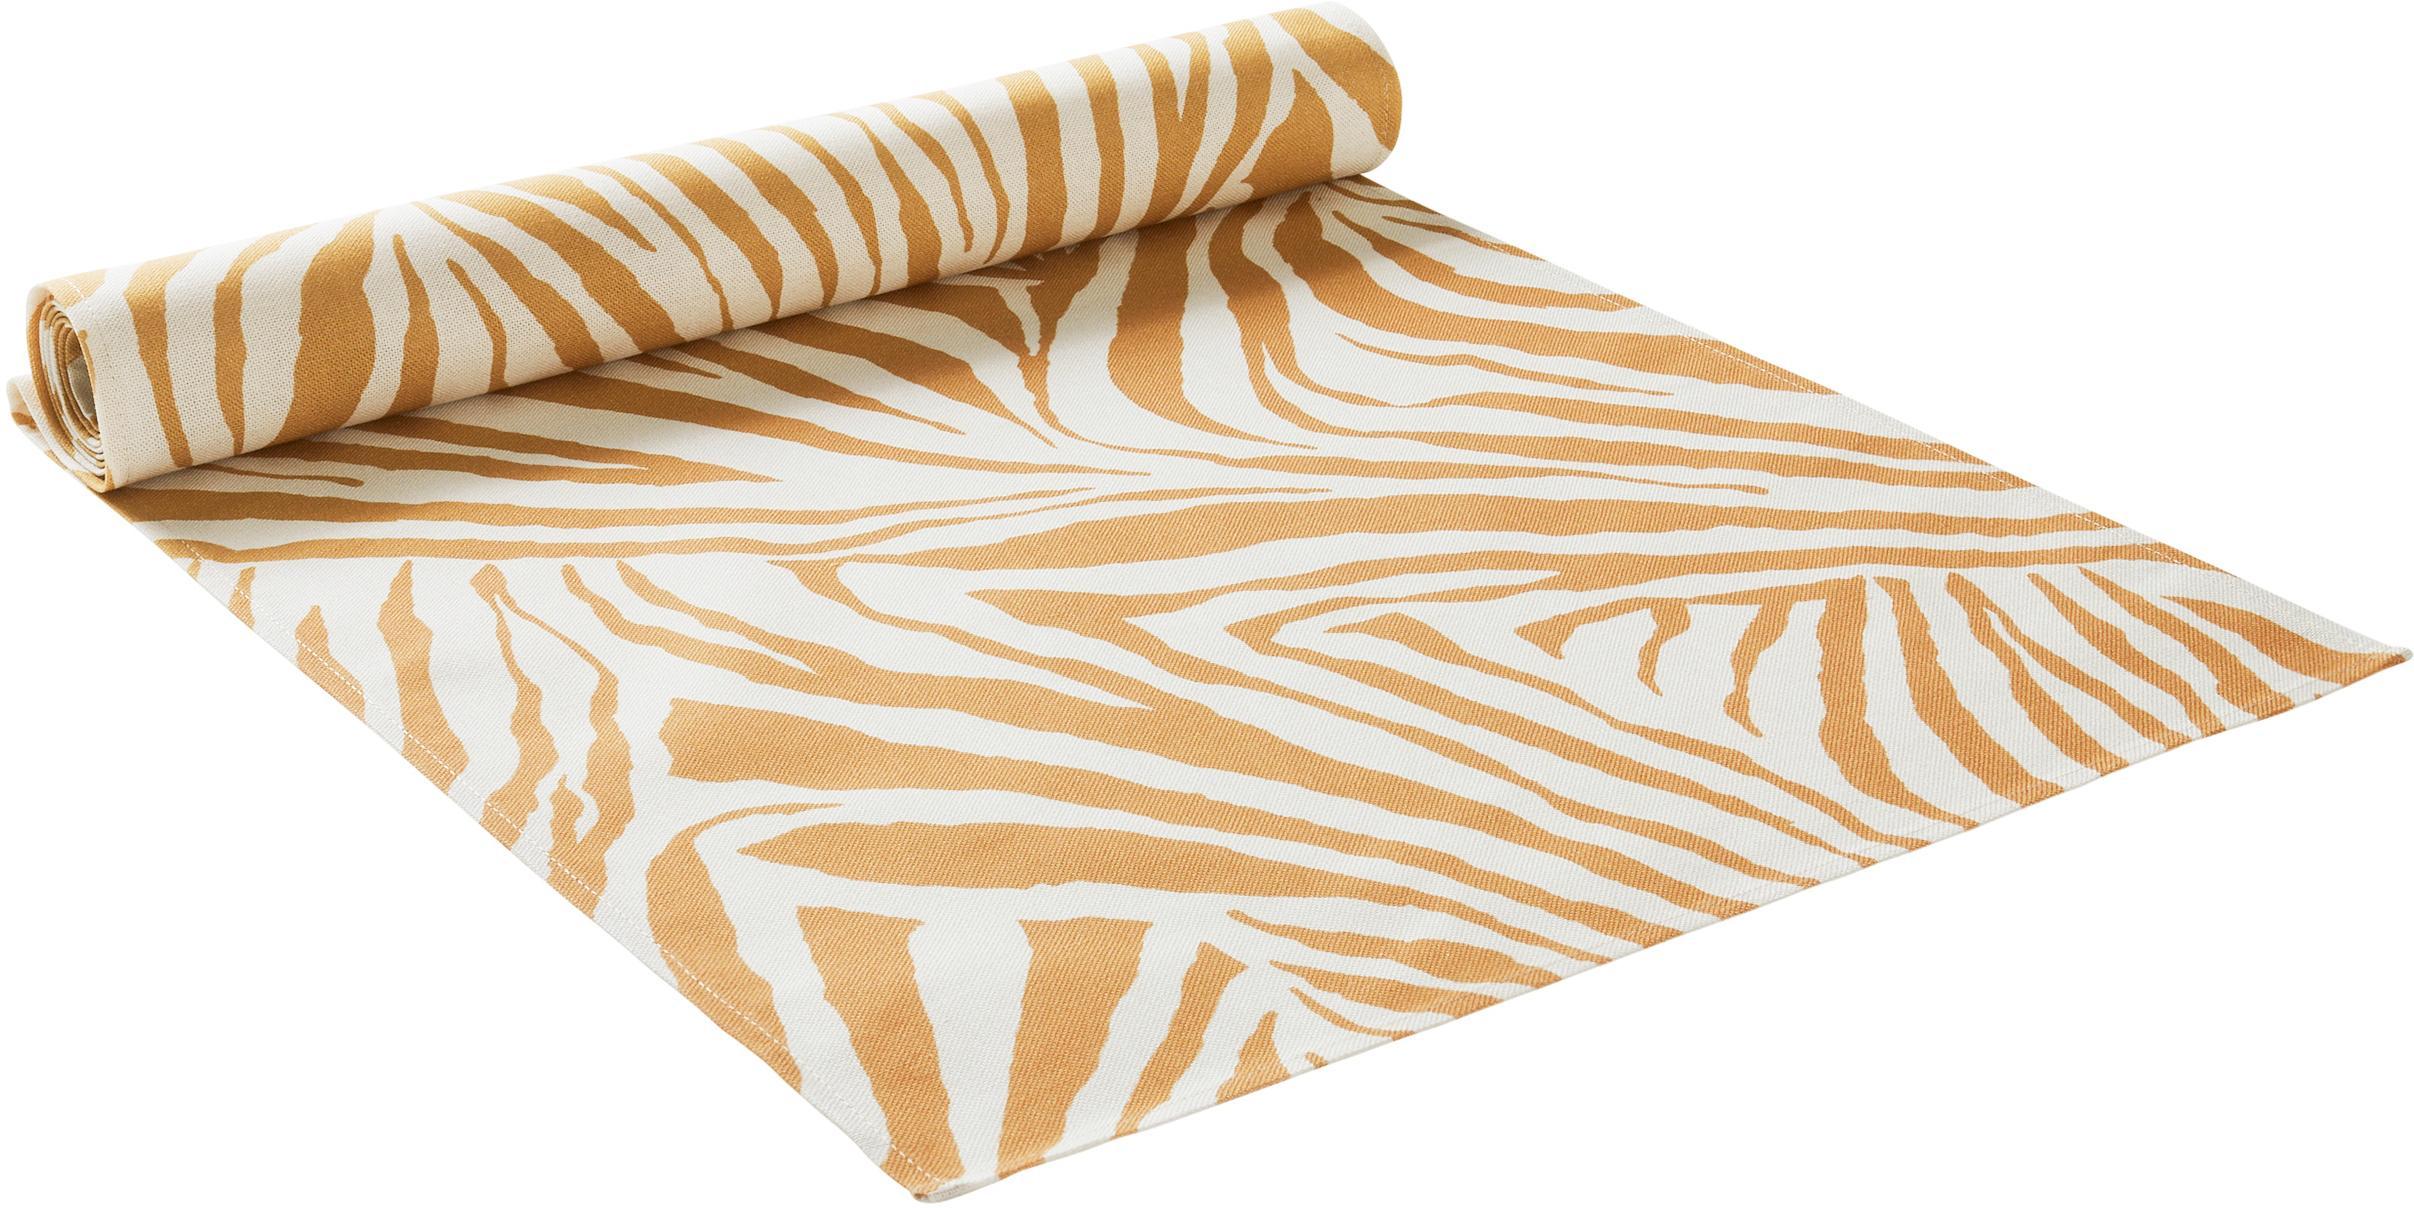 Tischläufer Zadie, 100% Baumwolle, aus nachhaltigem Baumwollanbau, Senfgelb, Cremeweiß, 40 x 140 cm